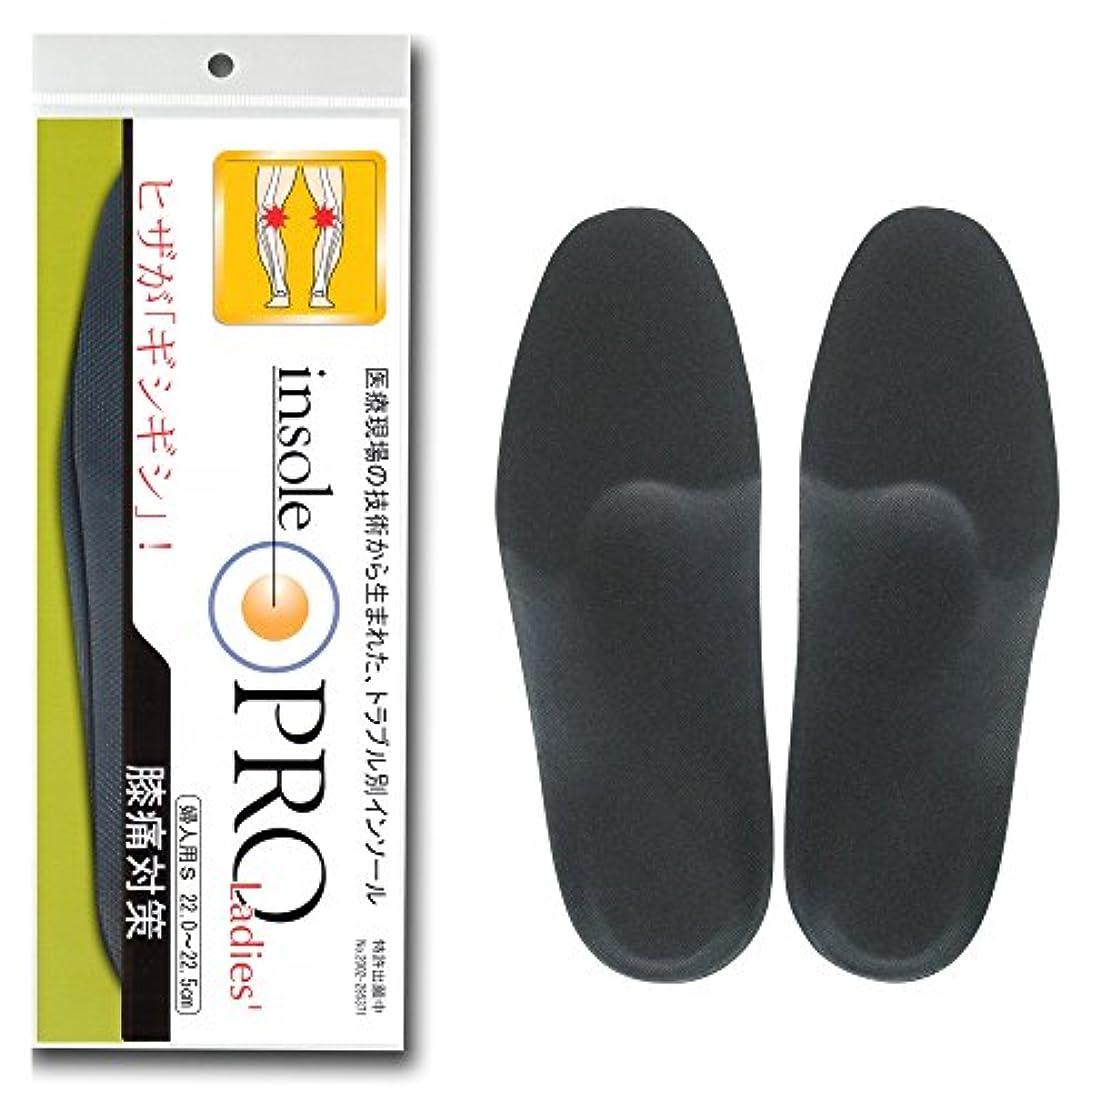 セッティングアソシエイト国歌インソールプロ レディス 膝痛対策 黒 S(22~22.5cm)